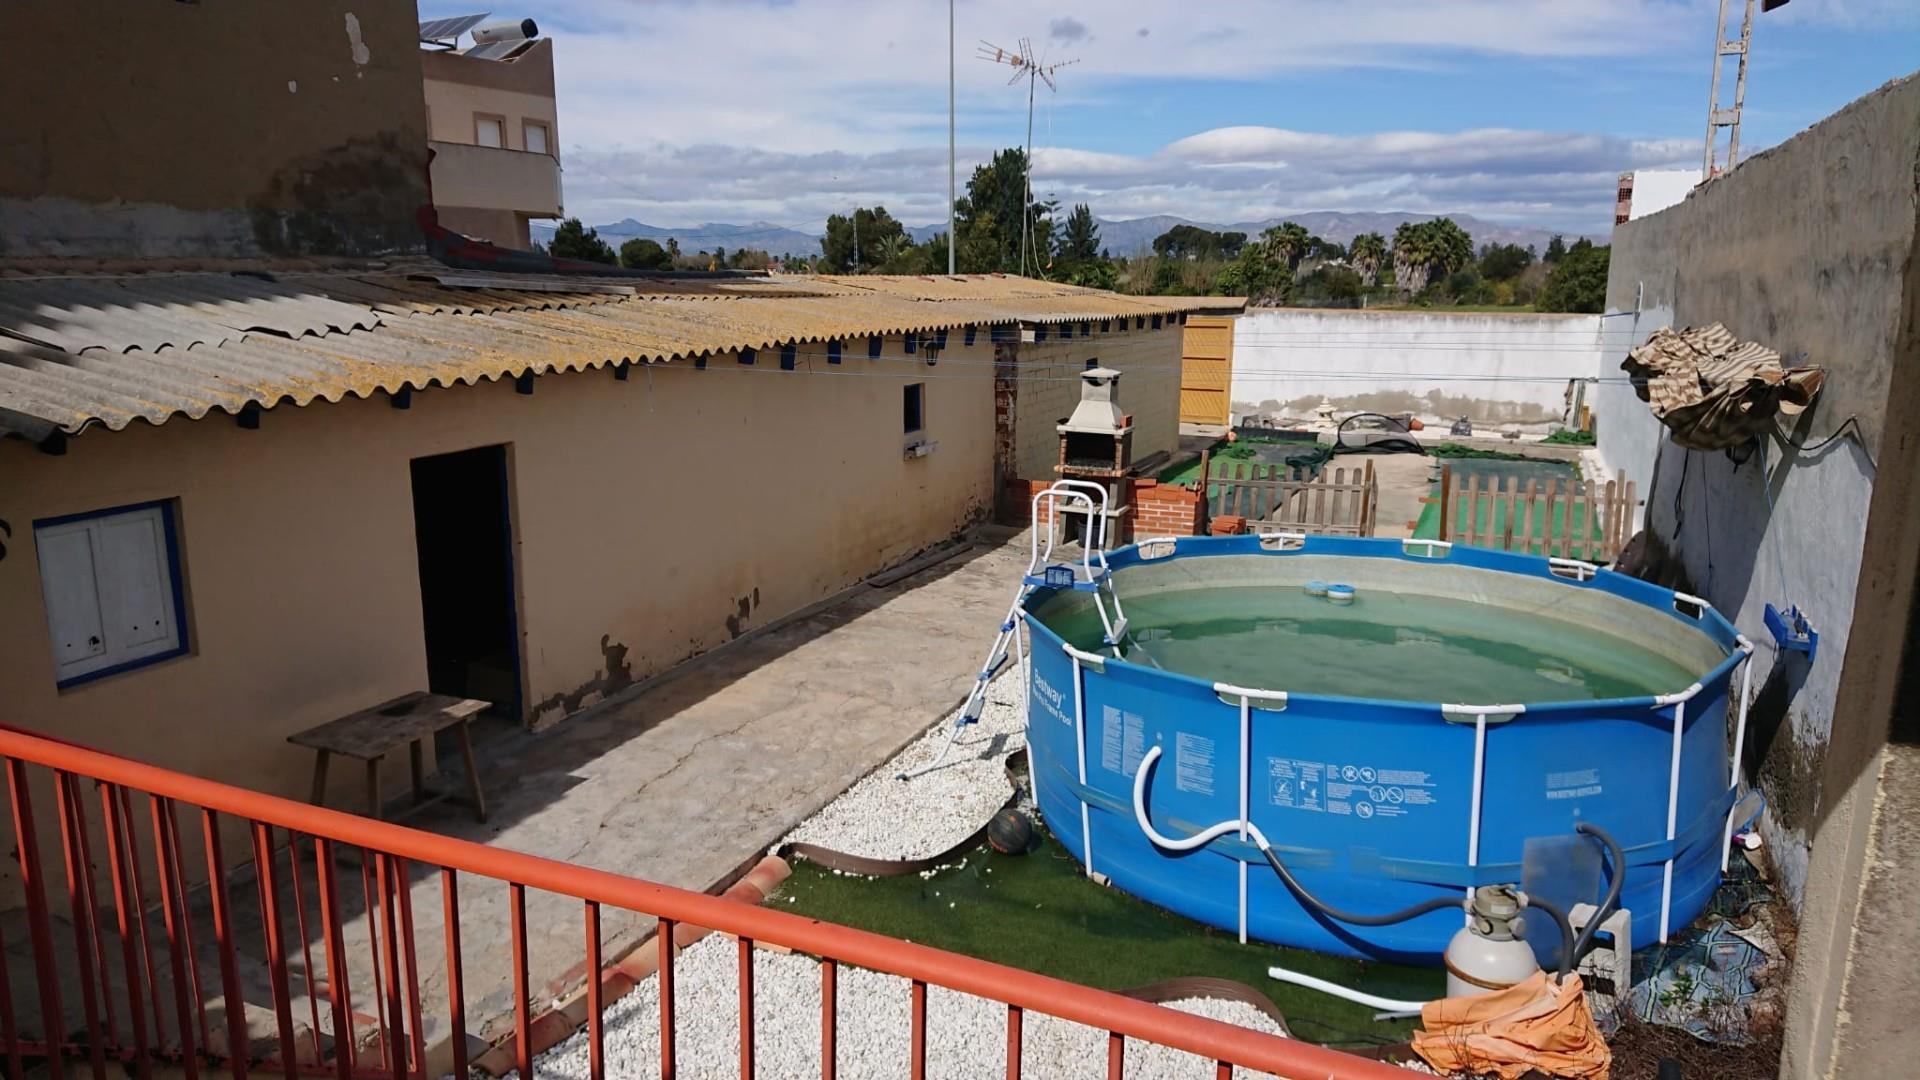 Casa adossada  Avenida maría del mar rodríguez albadalejo. Algorfa / avenida maría del mar rodríguez albadale